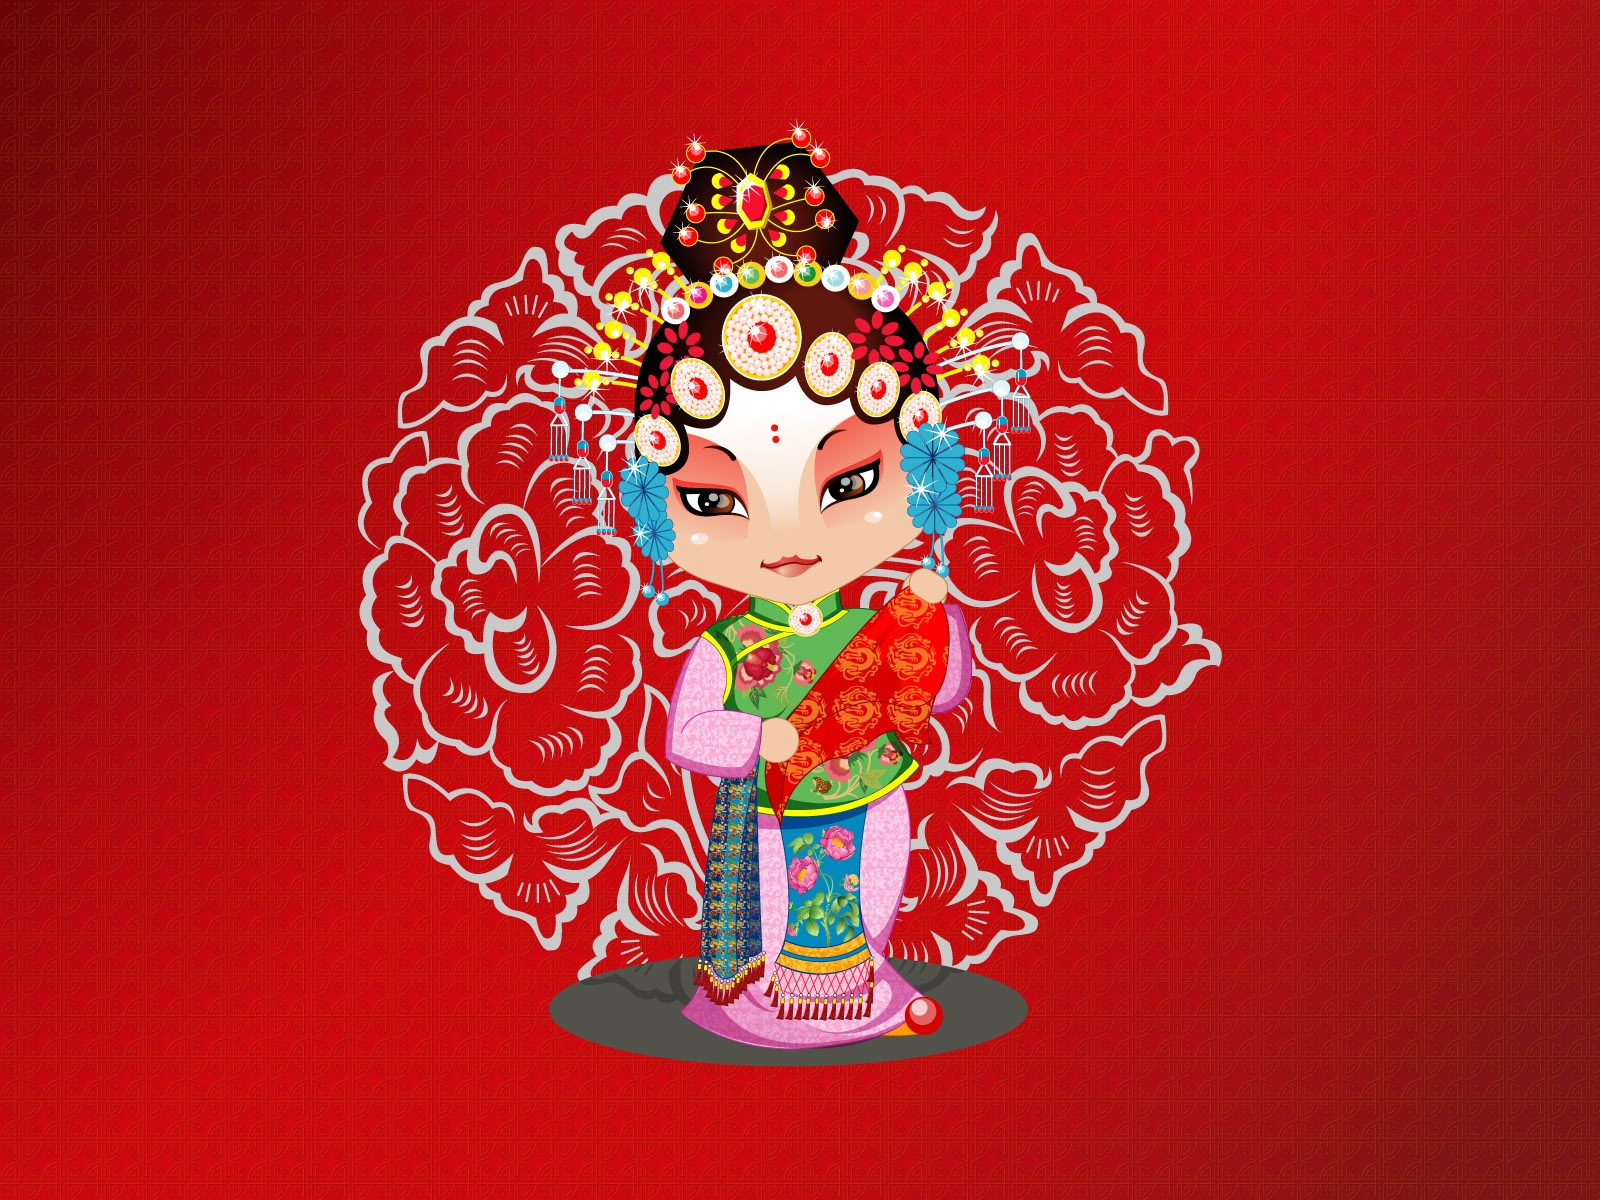 http://2.bp.blogspot.com/-1BEU5nzTdSQ/T5JgHyTA_VI/AAAAAAAAAJs/wKDUtnoQWWU/s1600/Beijing+Opera.jpg